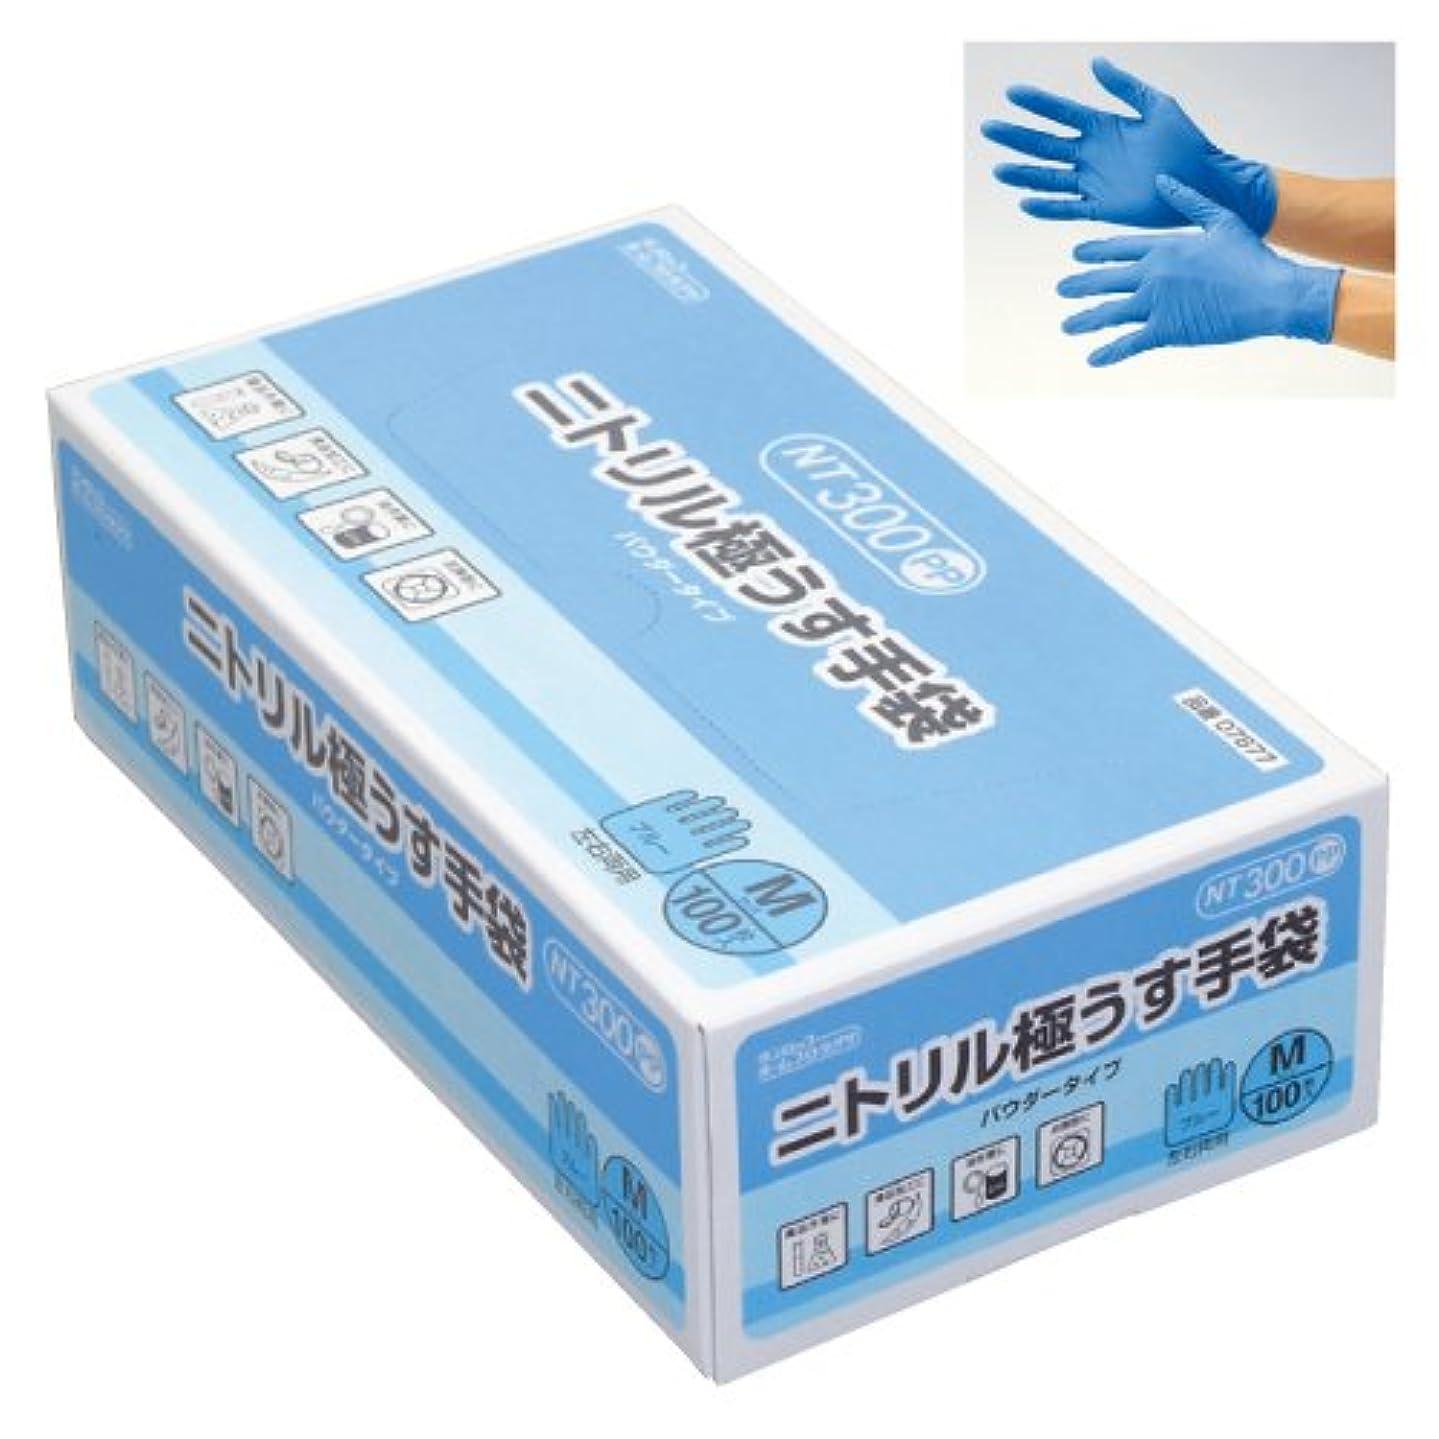 オプショナル削る背骨ニトリル極うす手袋 NT300 (23-6073-04)